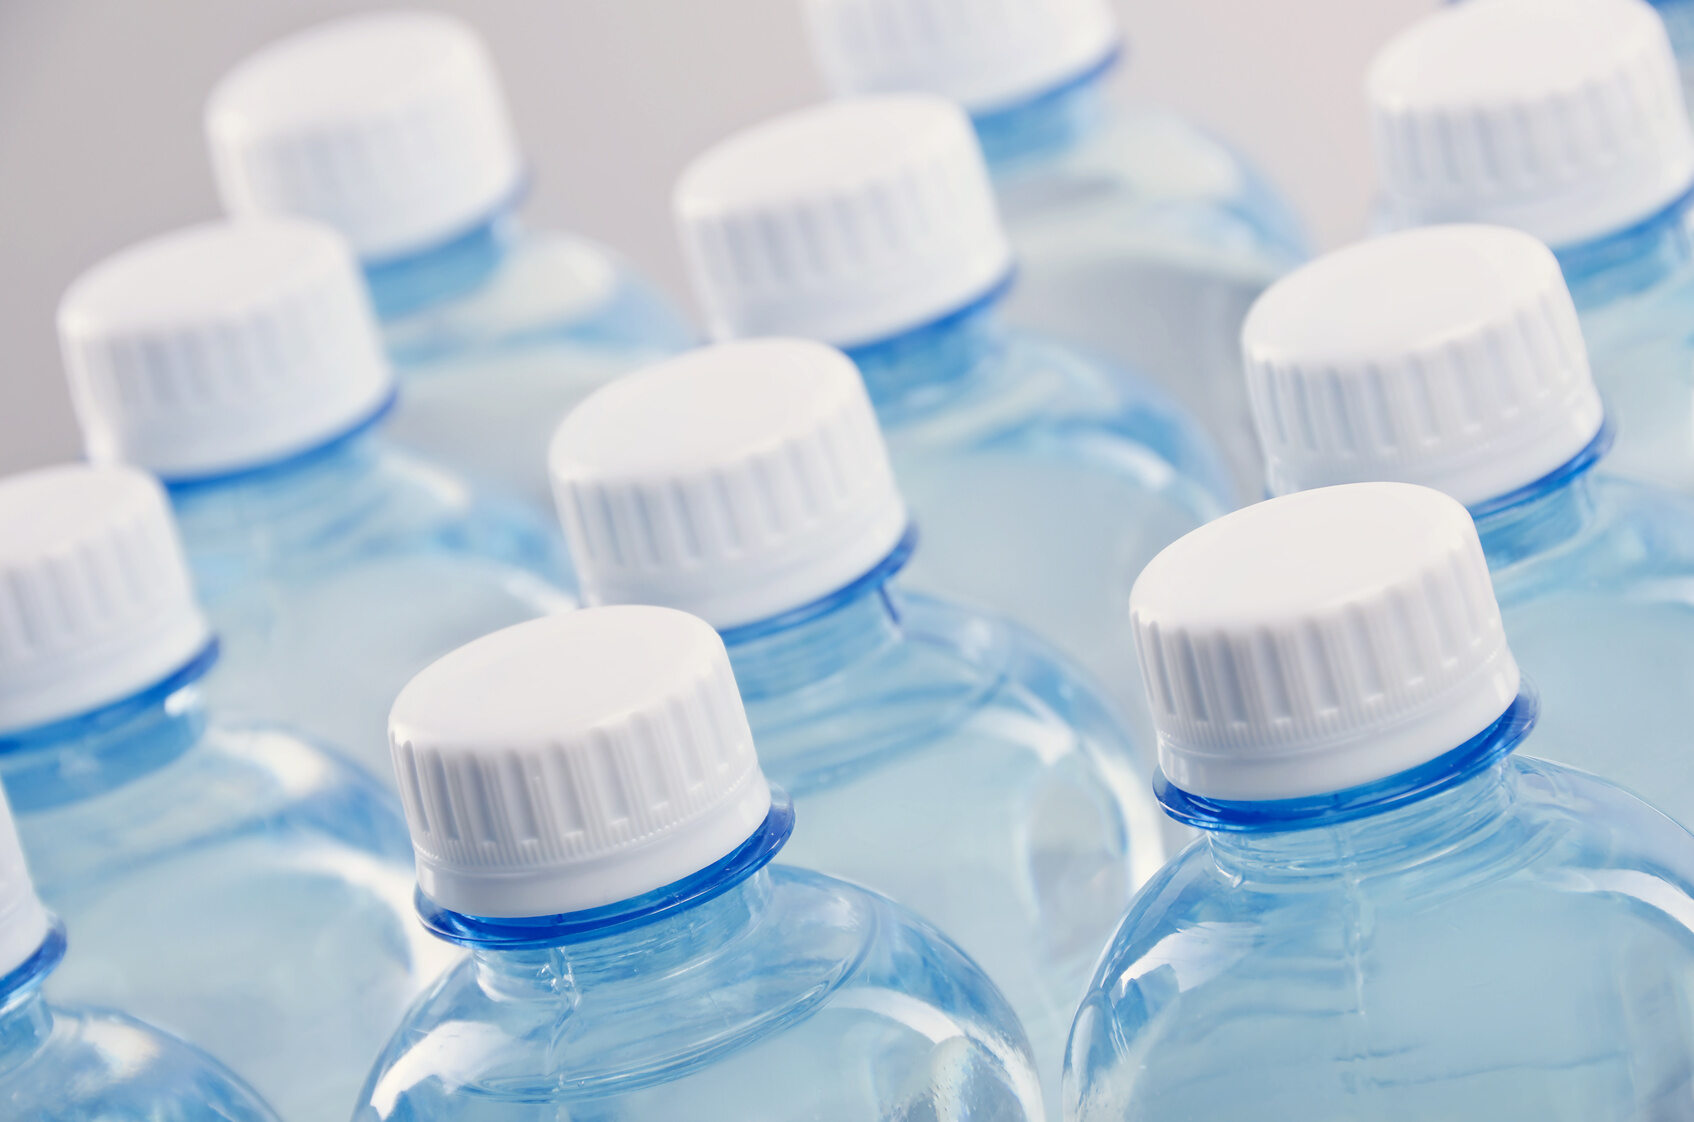 Butelki plastikowe, zdjęcie ilustracyjne